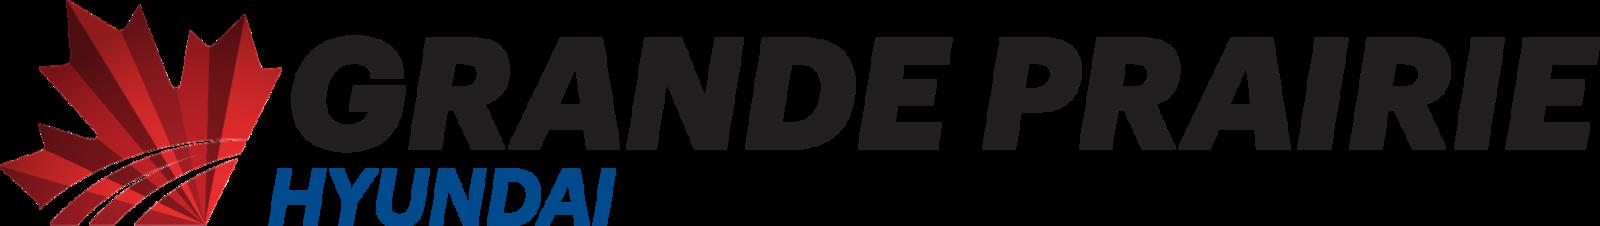 Grande Prairie Hyundai >> Grande Prairie Hyundai Grande Prairie Ab Read Consumer Reviews